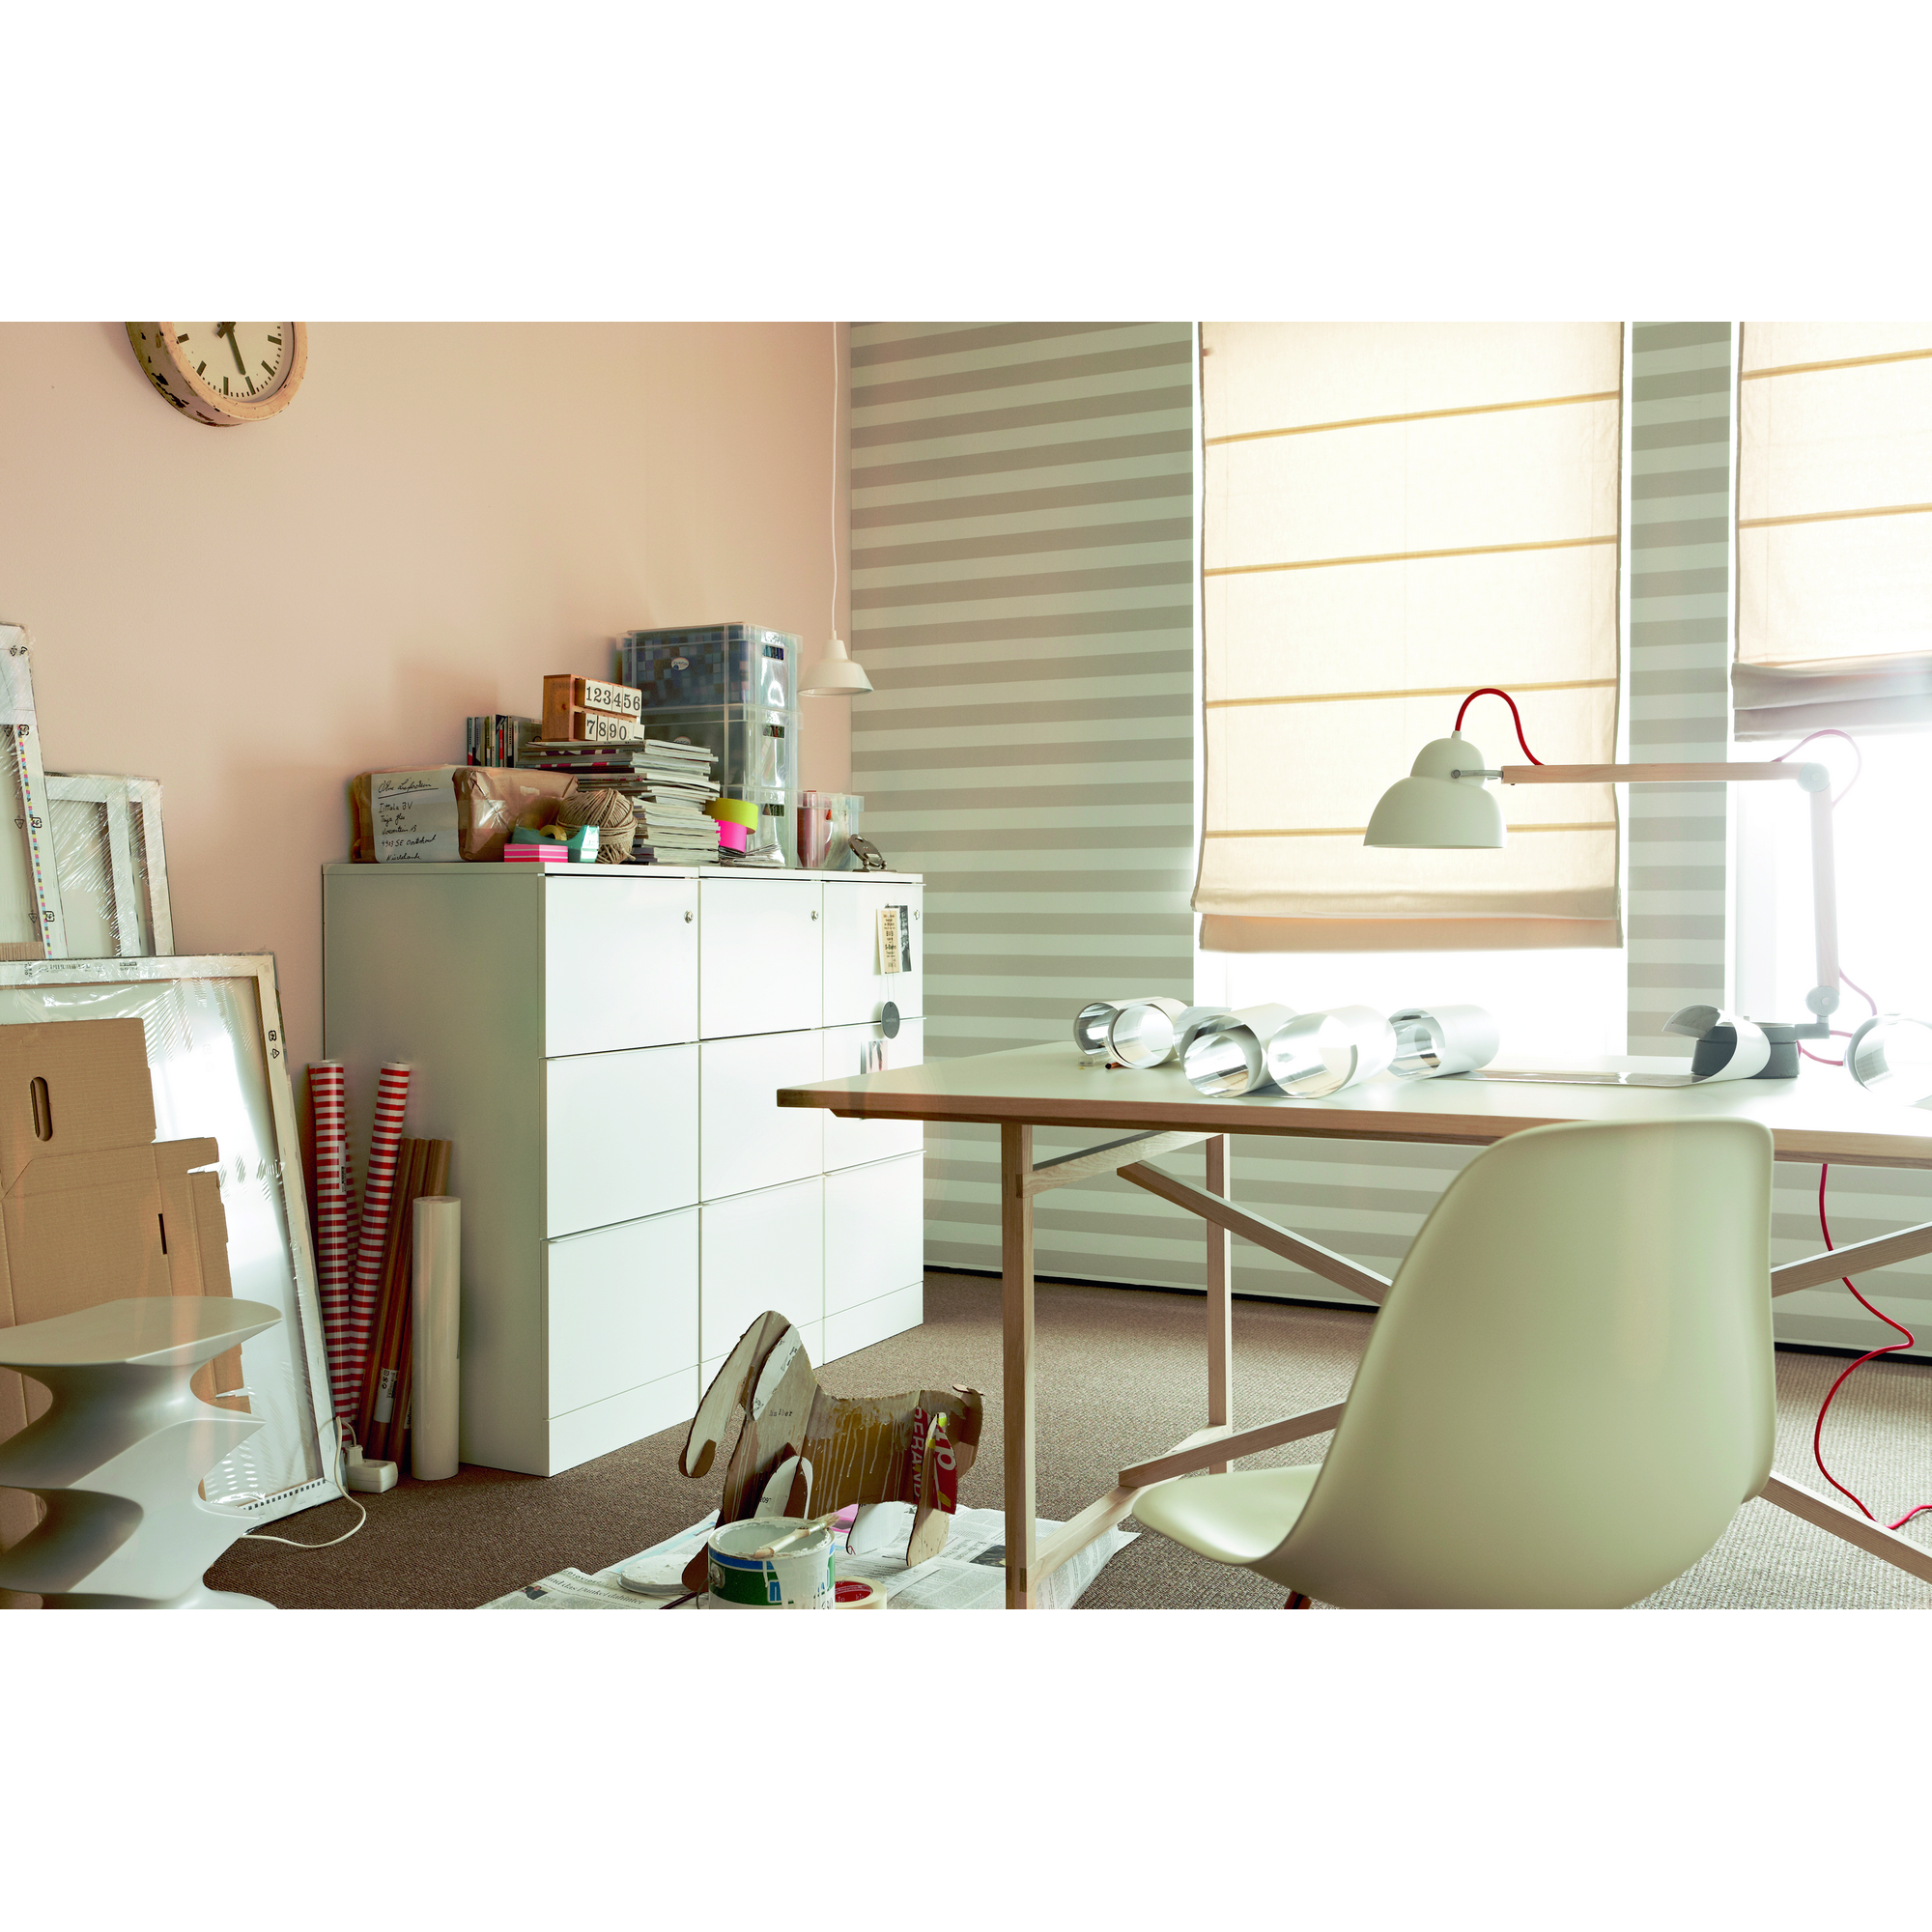 Schoner Wohnen Wand Und Deckenfarbe Trendfarbe Sand Sandfarben Matt 2 5 L ǀ Toom Baumarkt